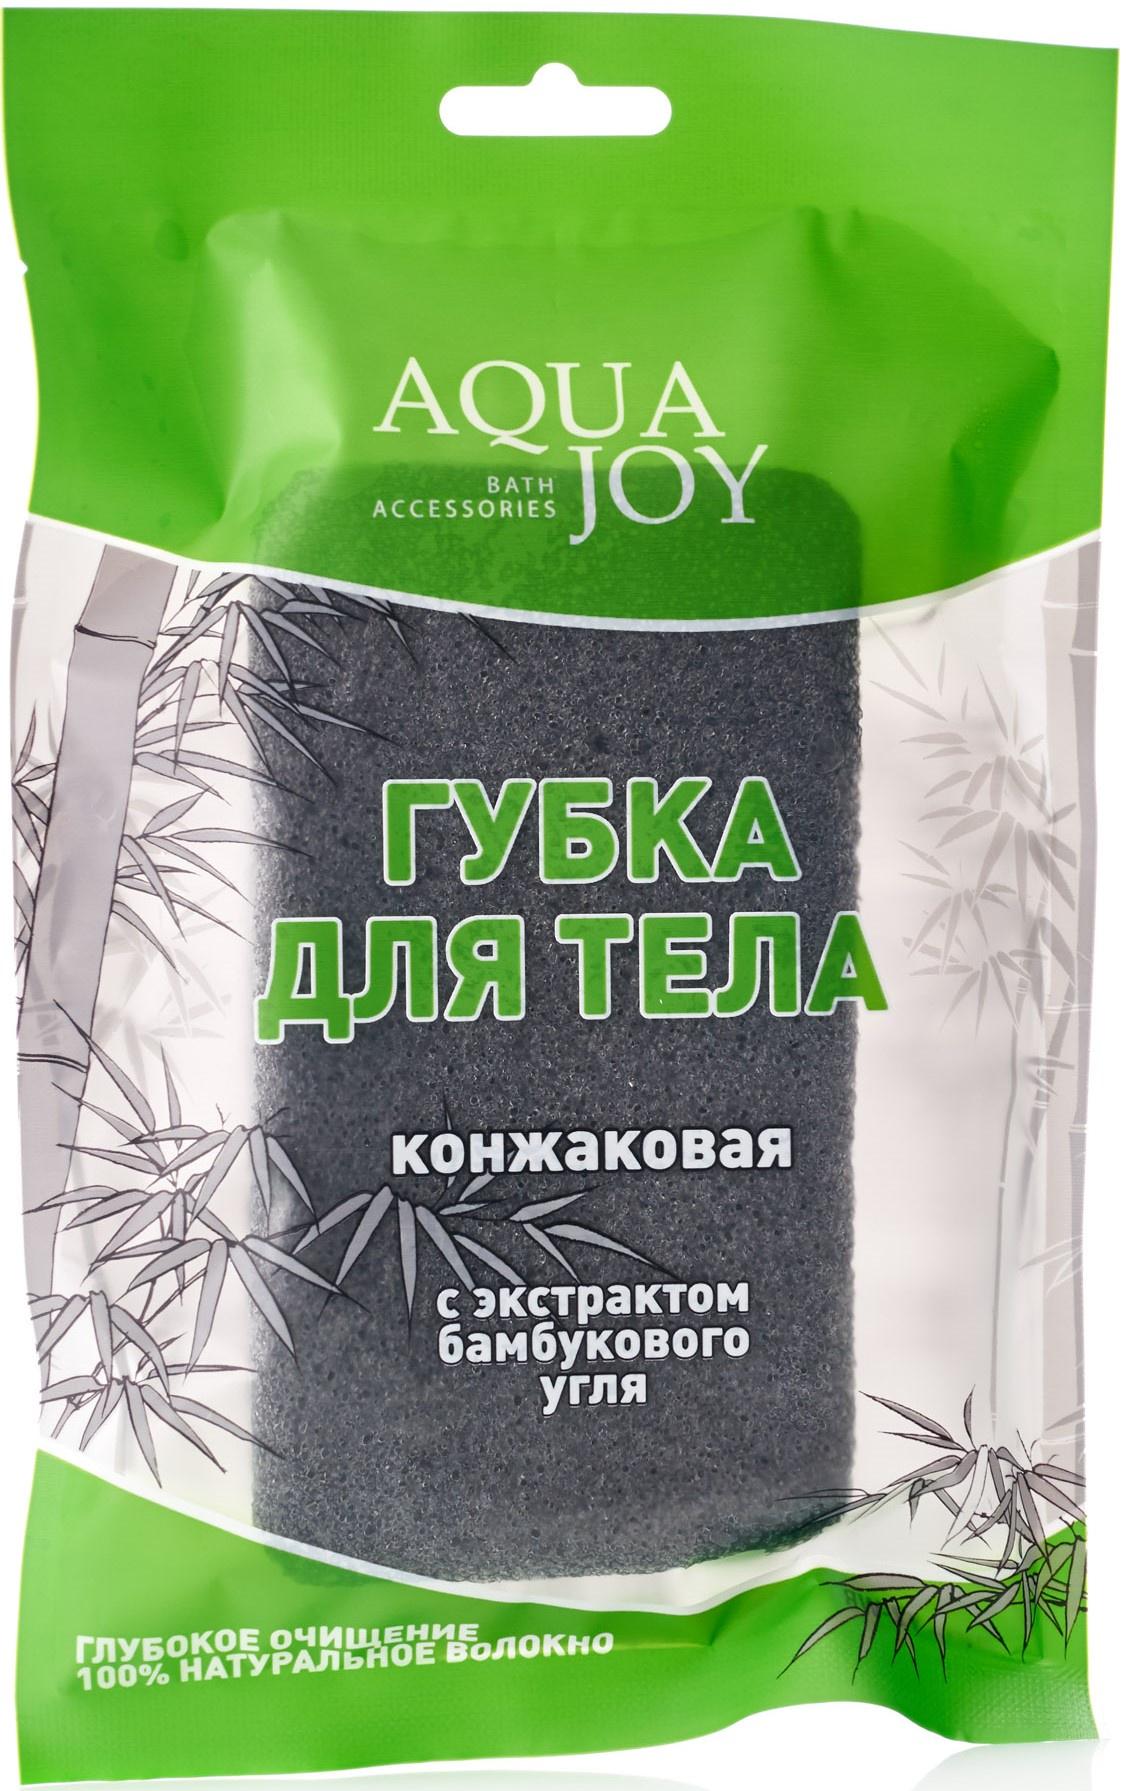 Косметическая губка Aqua Joy Прямоугольная конжак отсутствует целебные растения